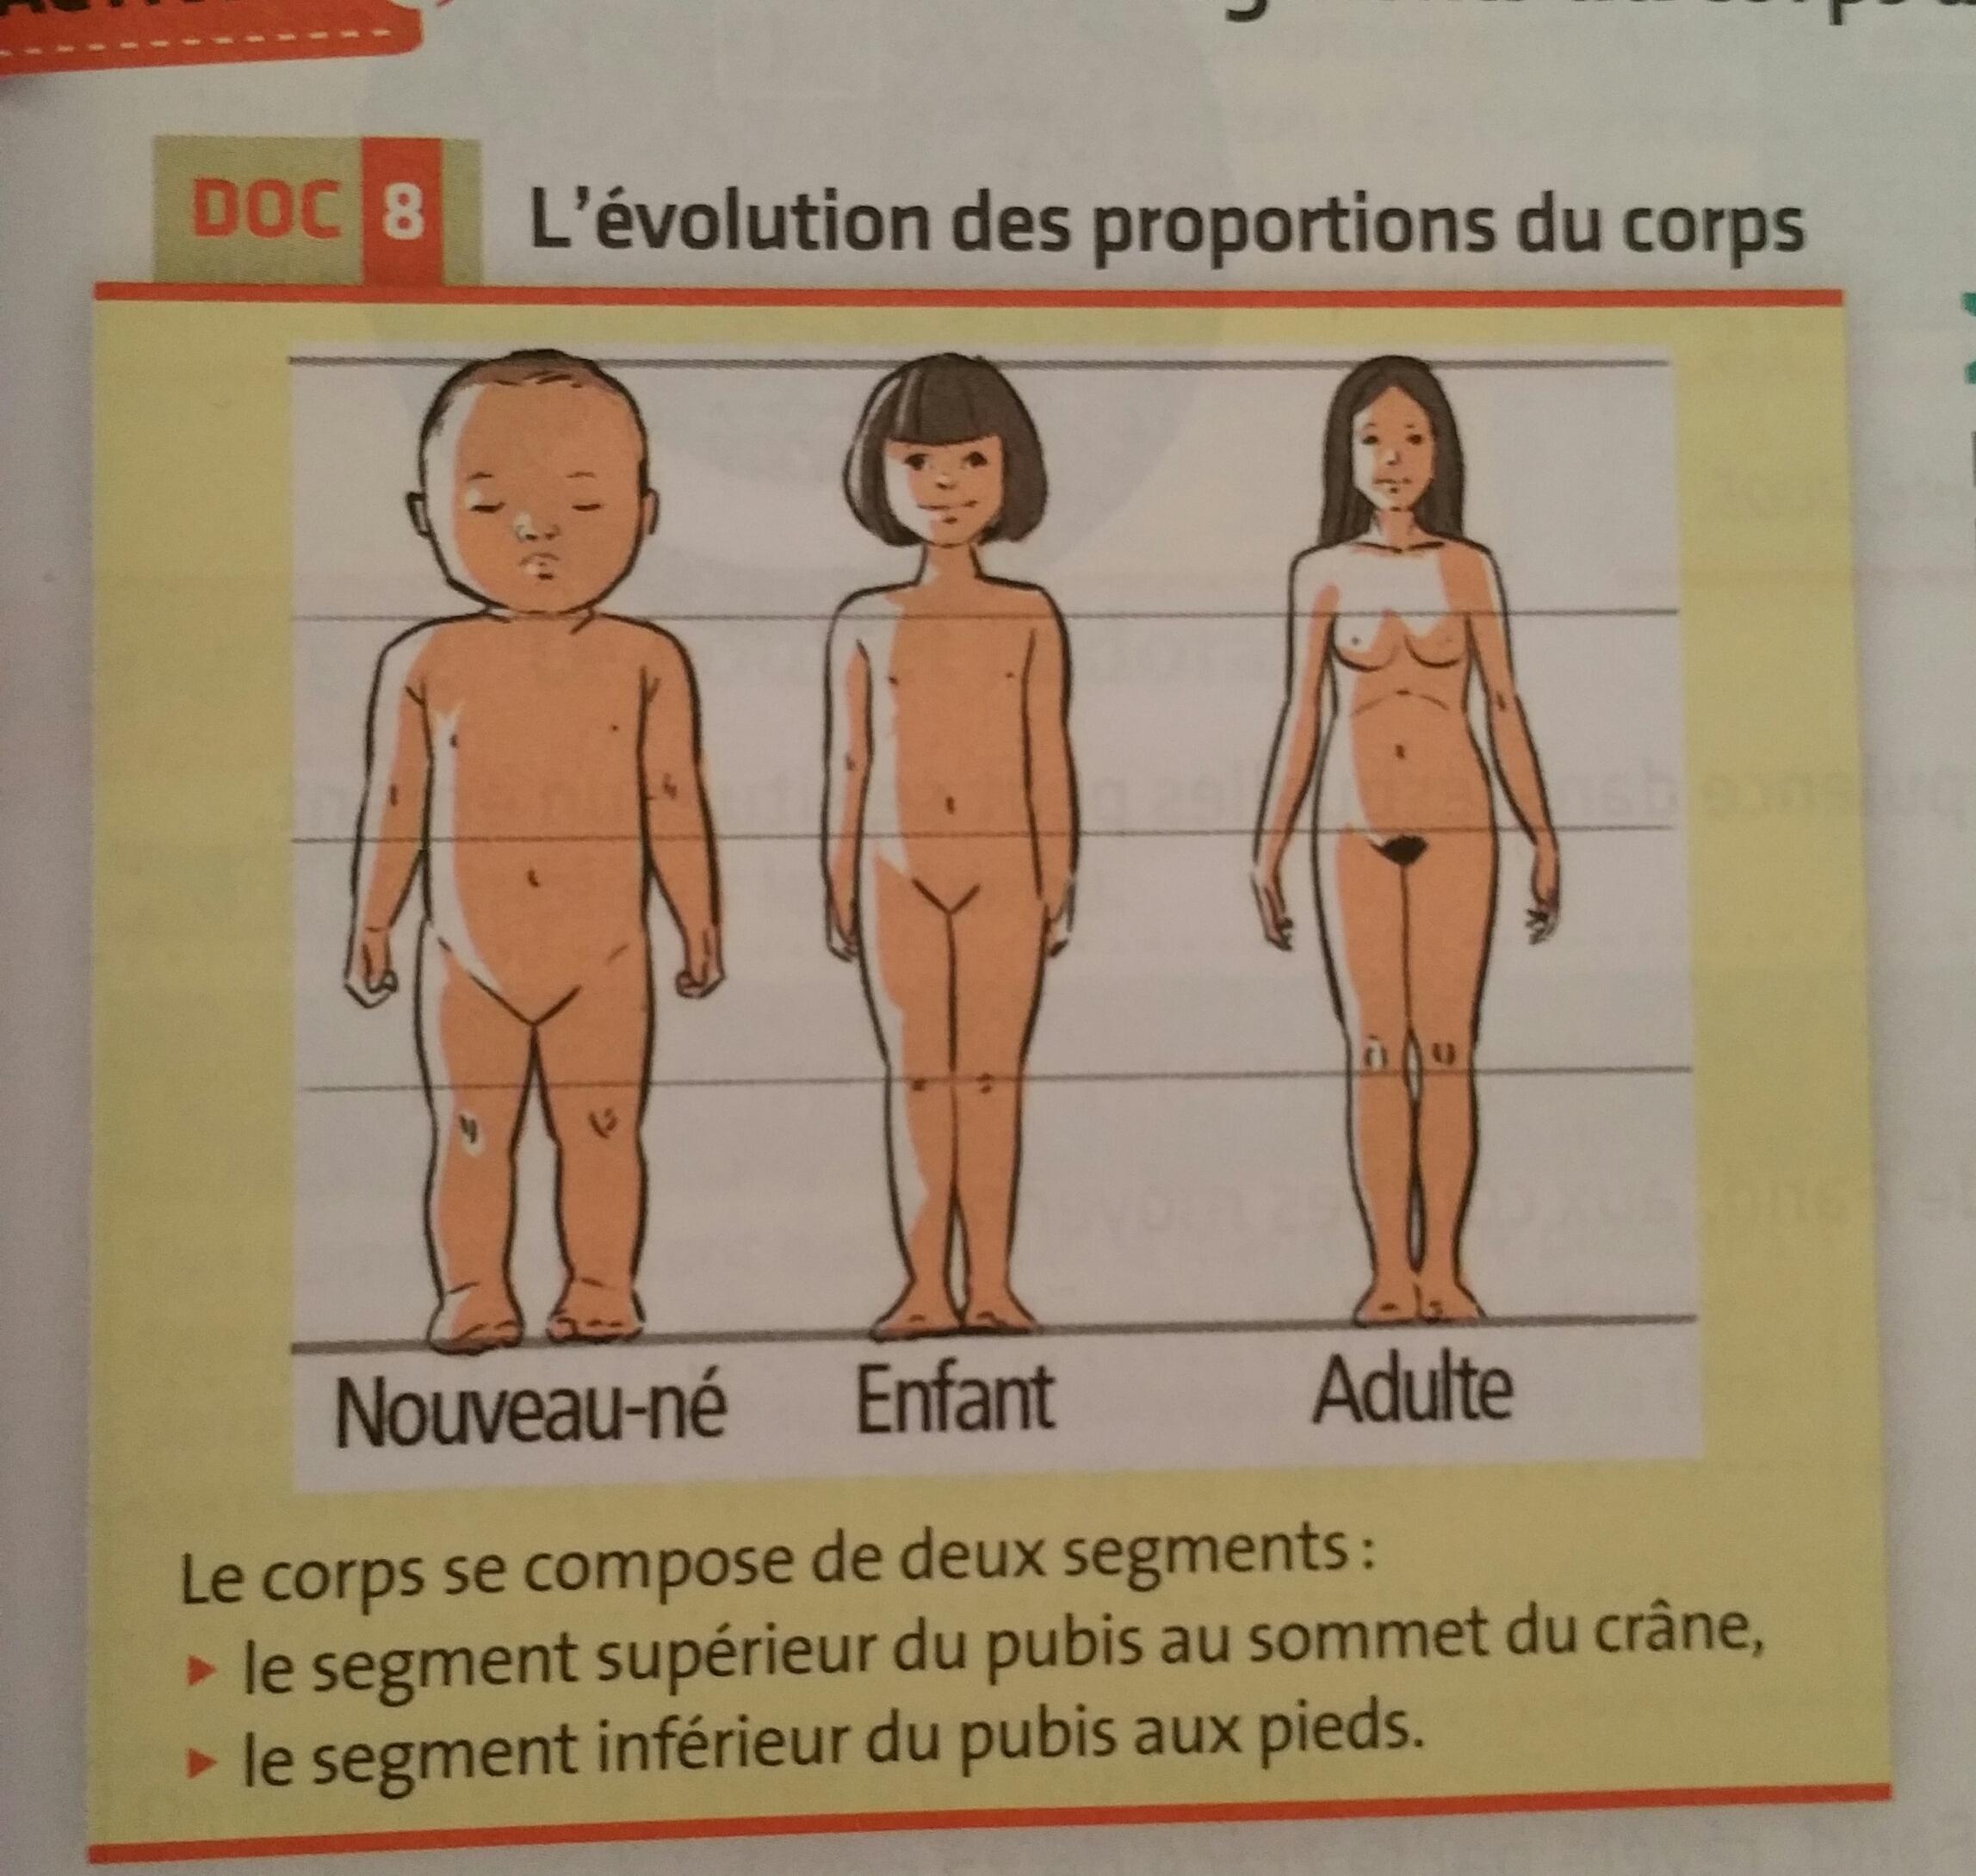 Comparer les proportions des segments inferieur et superieur du nouveau-né  à celles de l adulte. 5918be92fd98